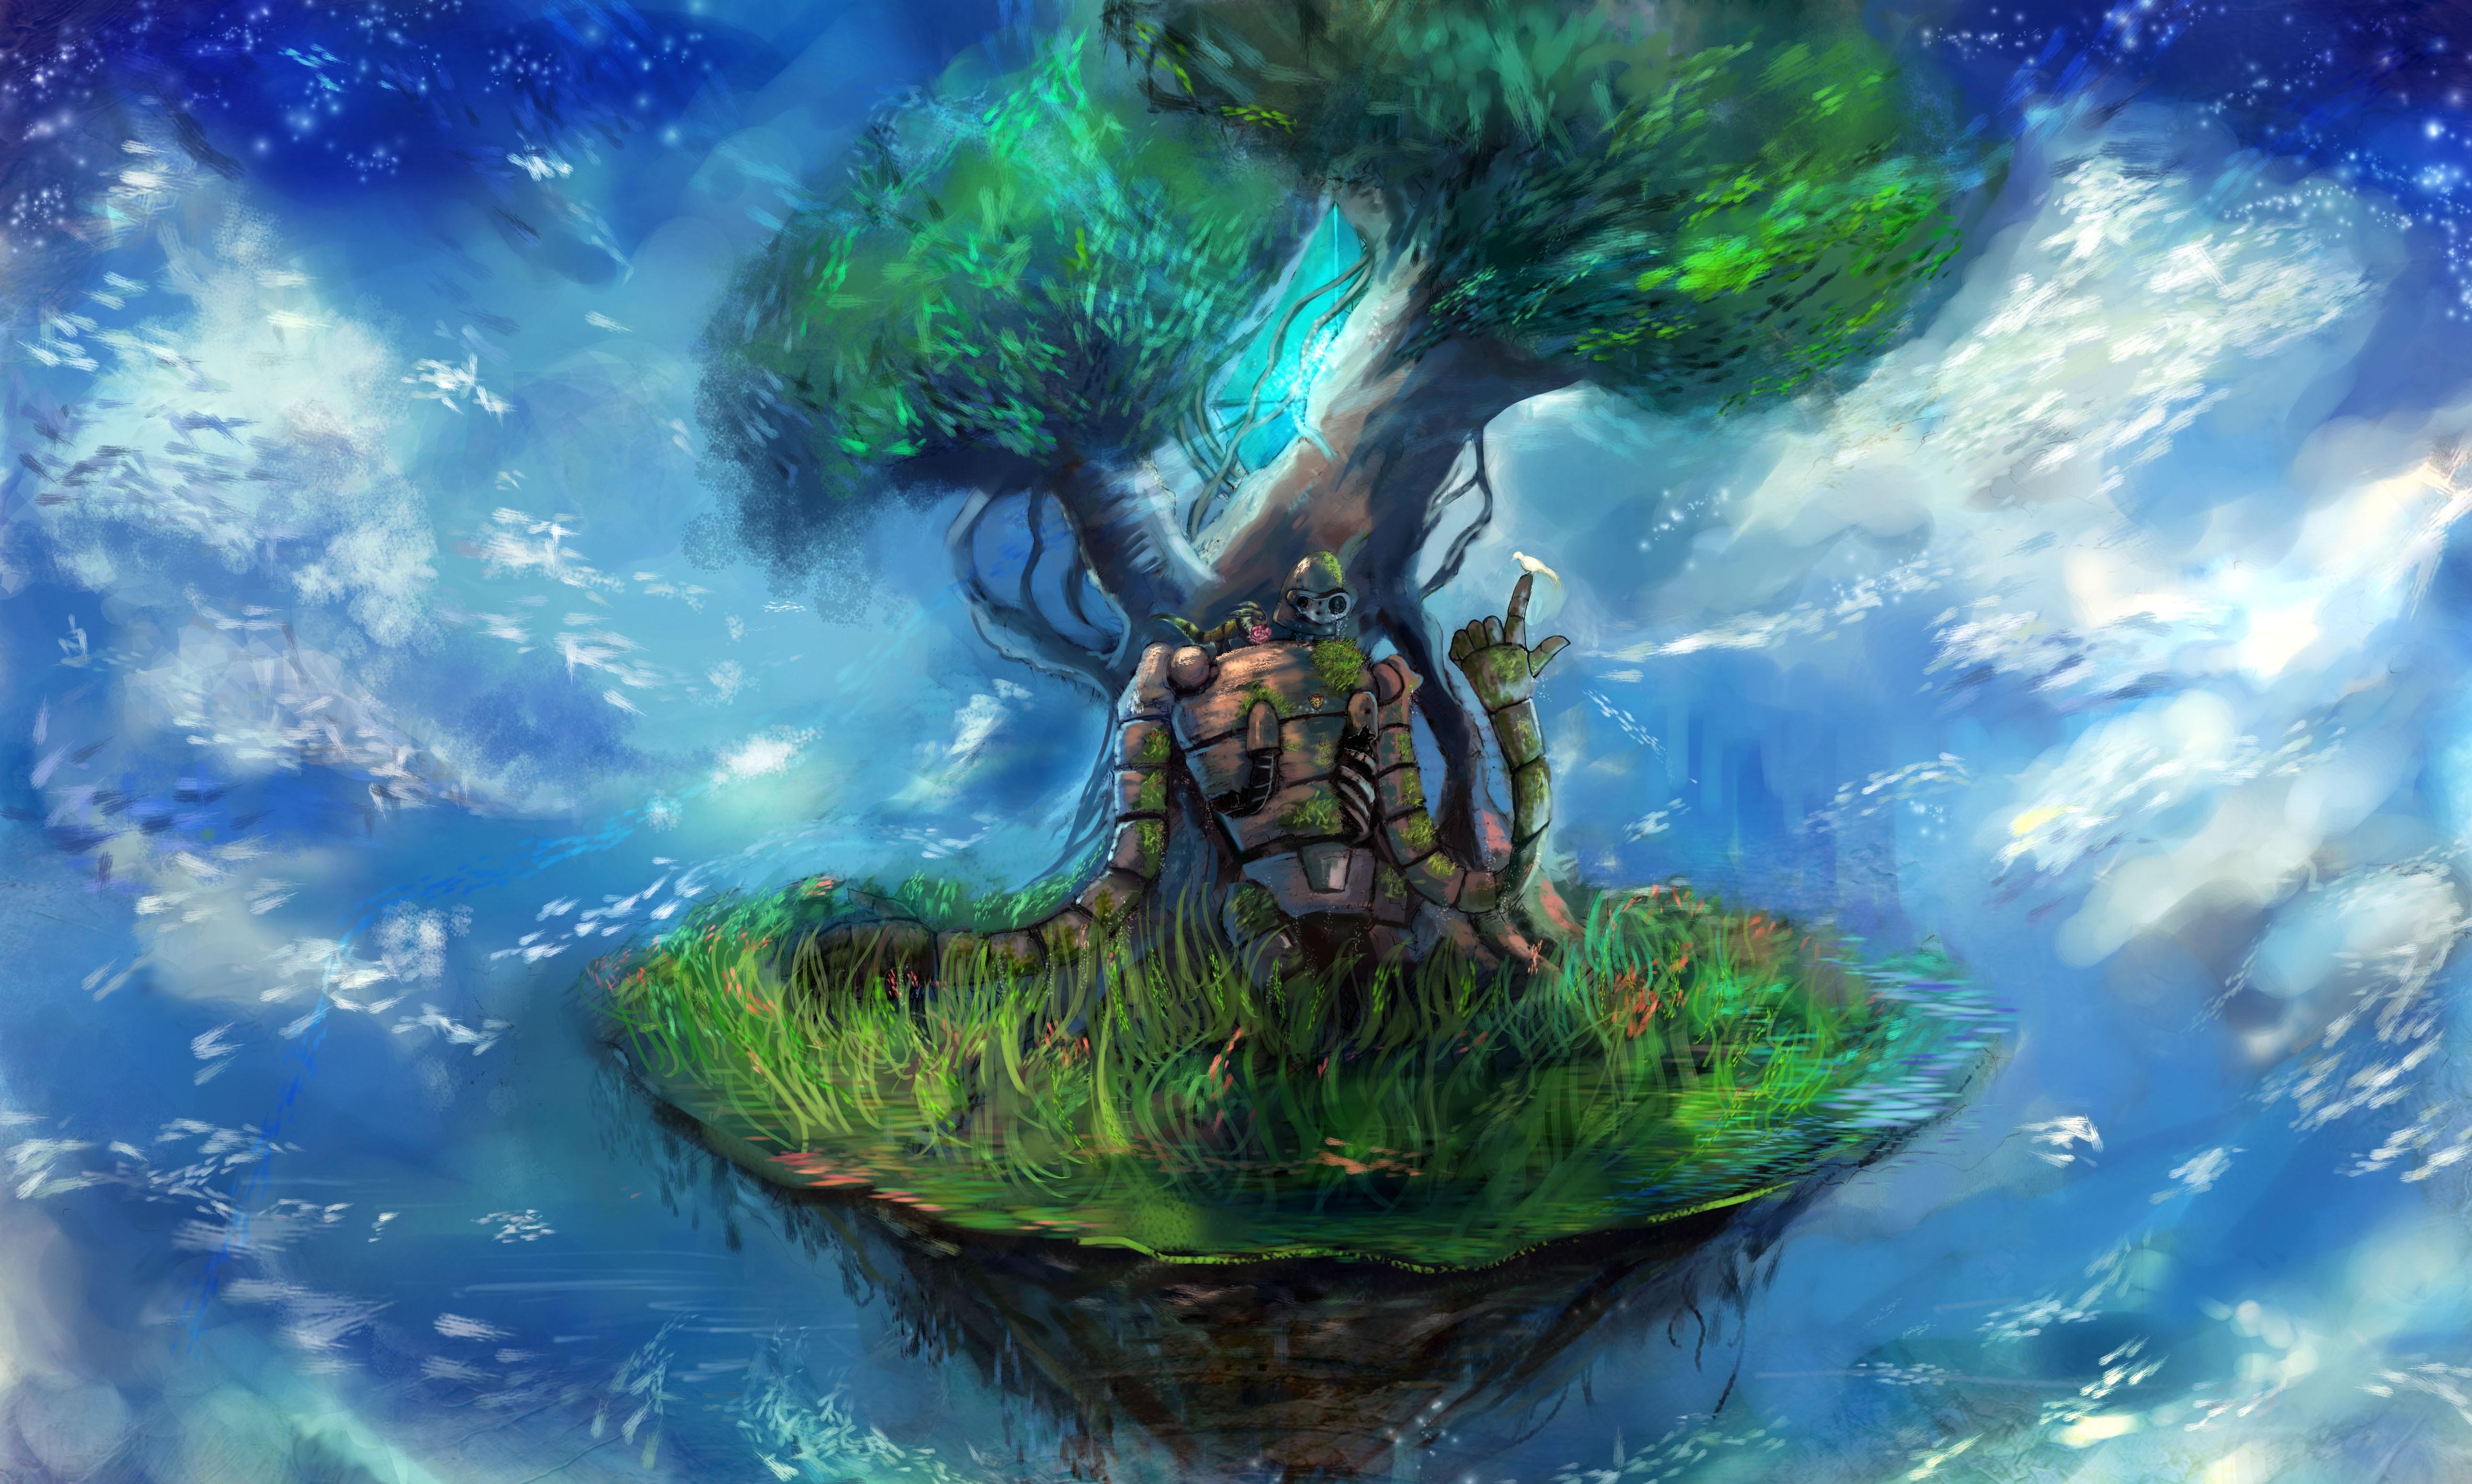 Studio Ghibli Wallpapers - WallpaperSafari